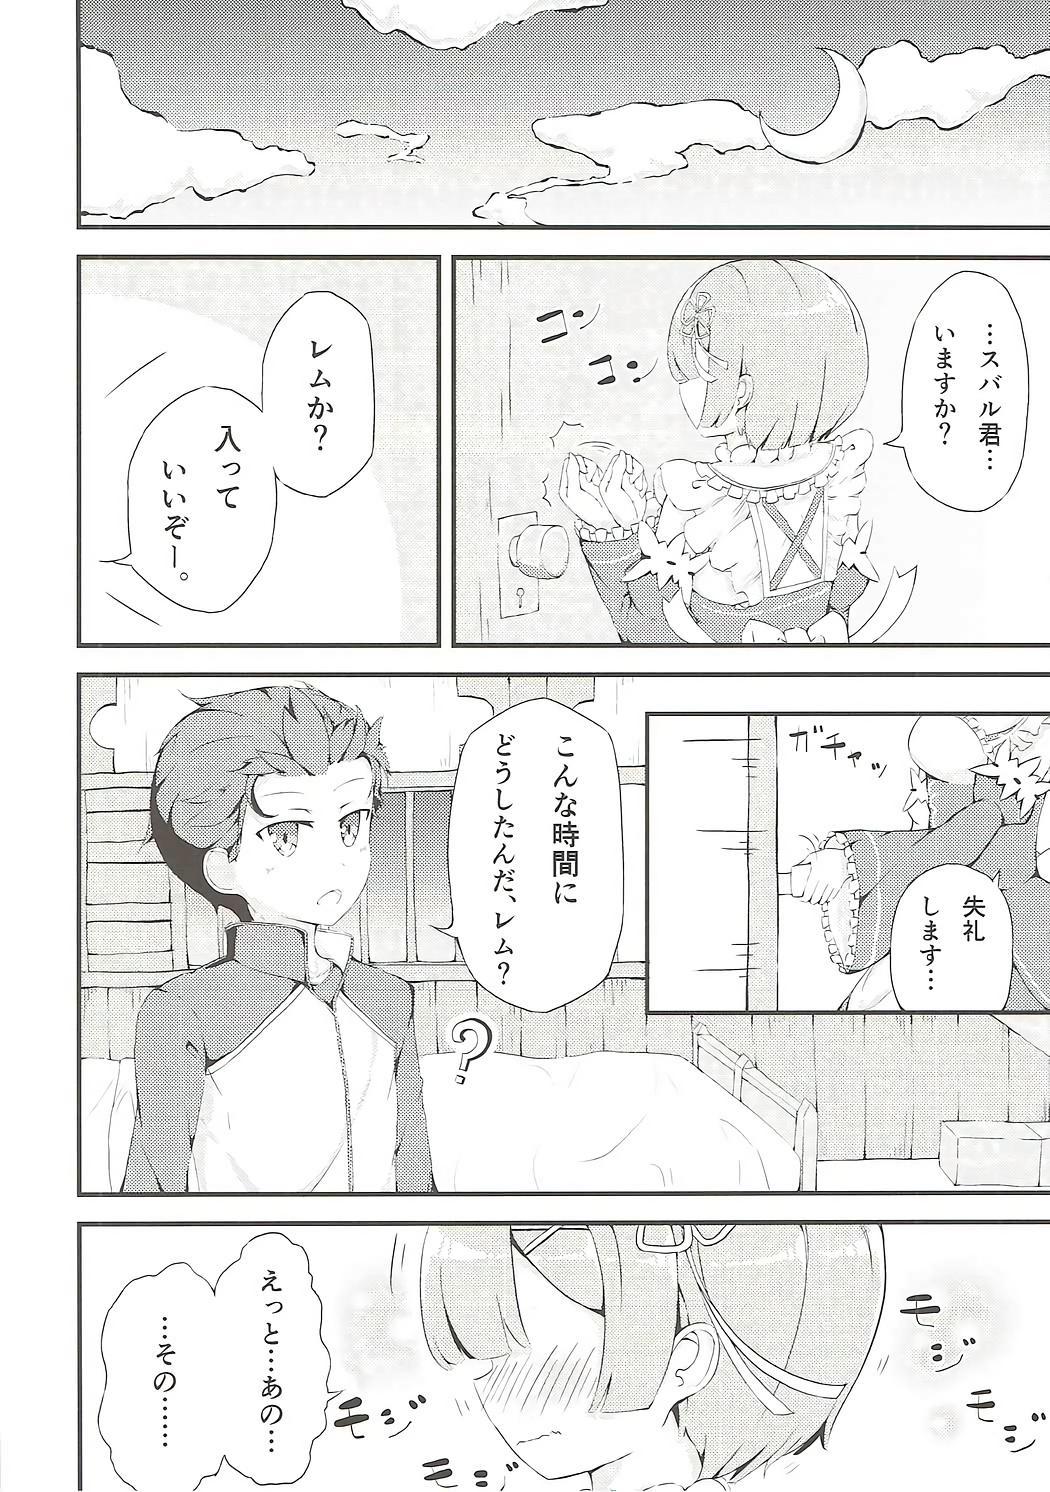 Re:Rem to Hajimeru Dousei Seikatsu 8